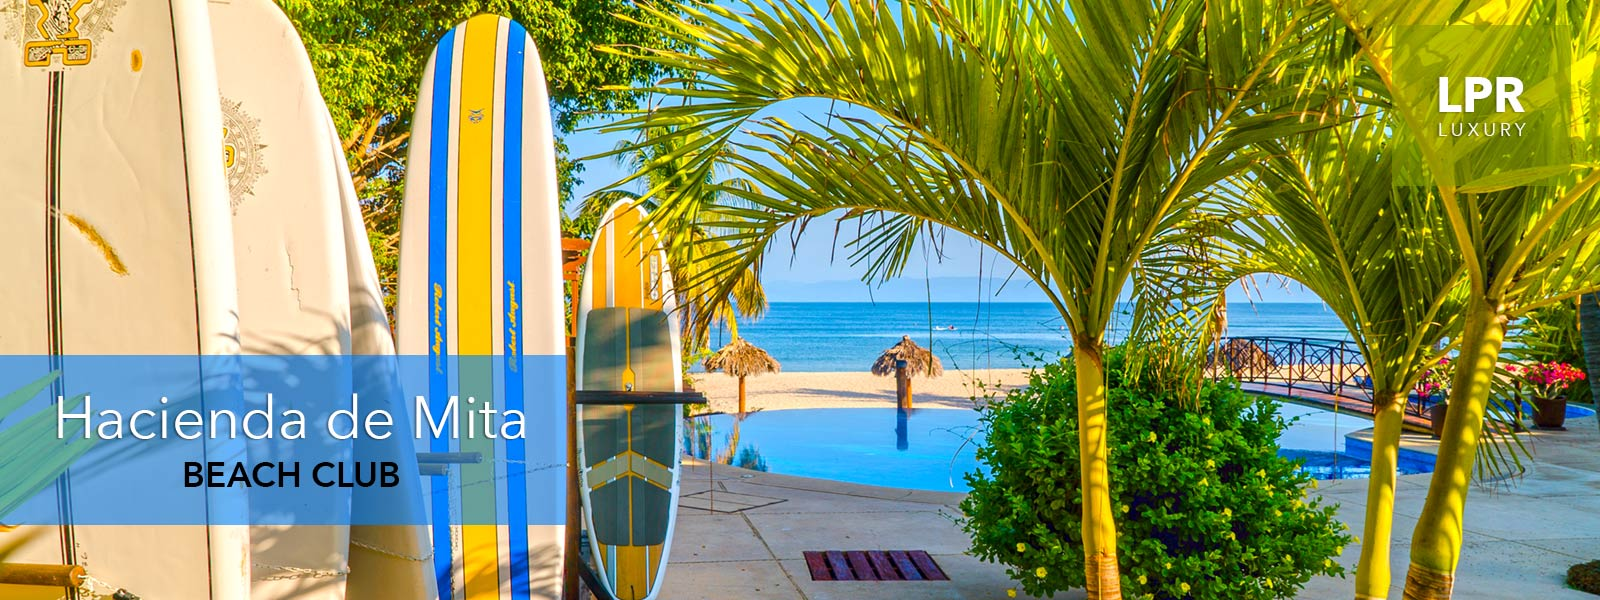 Hacienda de Mita Beach Club - Luxury Punta Mita Mexico condos for sale and rent